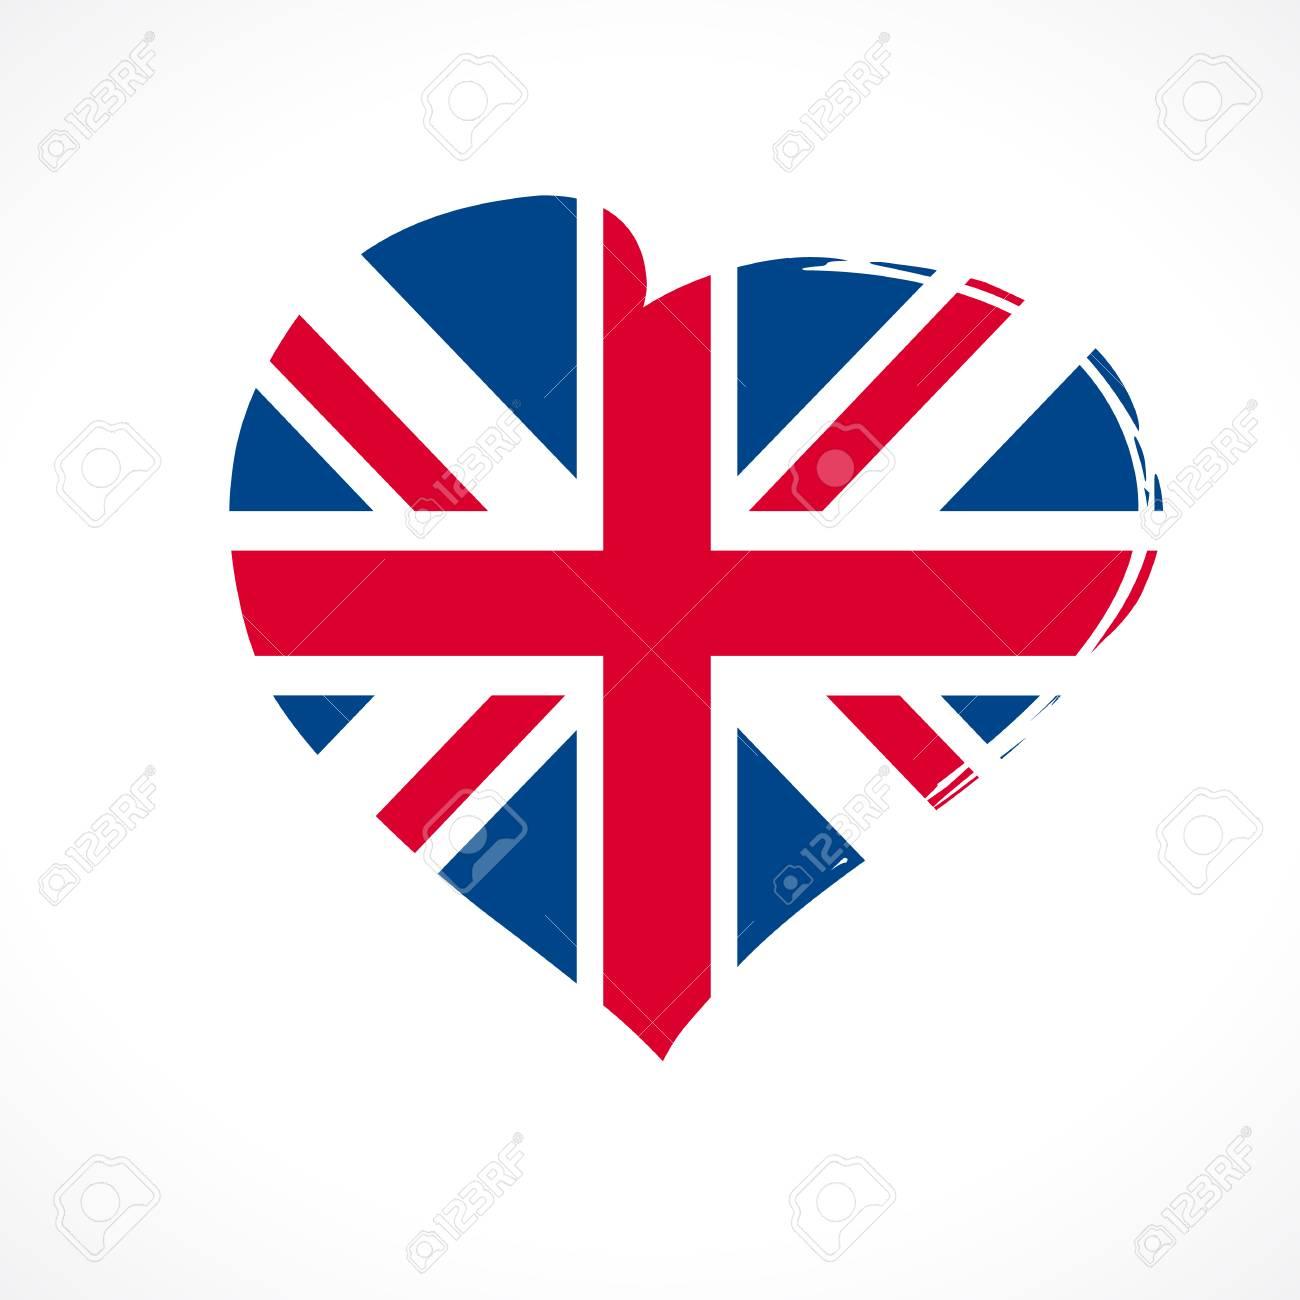 Amo El Emblema De La Bandera De British Union Jack Coloreado Bandera De Celebración Reino Unido Inglaterra Con Vector Curving Corazón Rojo Y Bandera